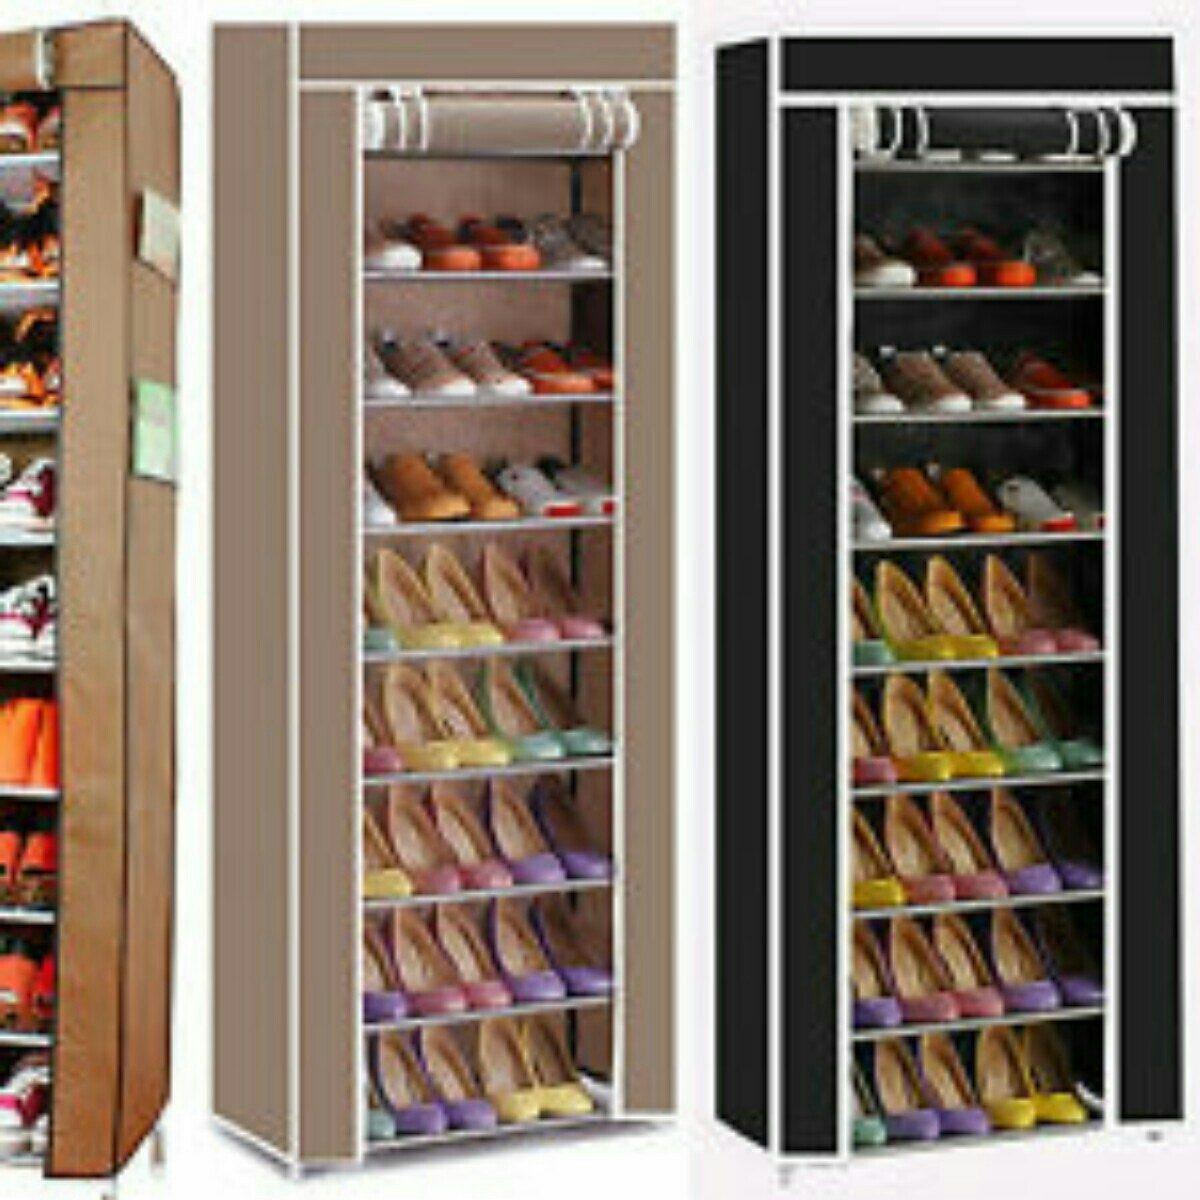 Mueble para zapatos s 70 00 en mercado libre for Muebles para guardar zapatos y botas